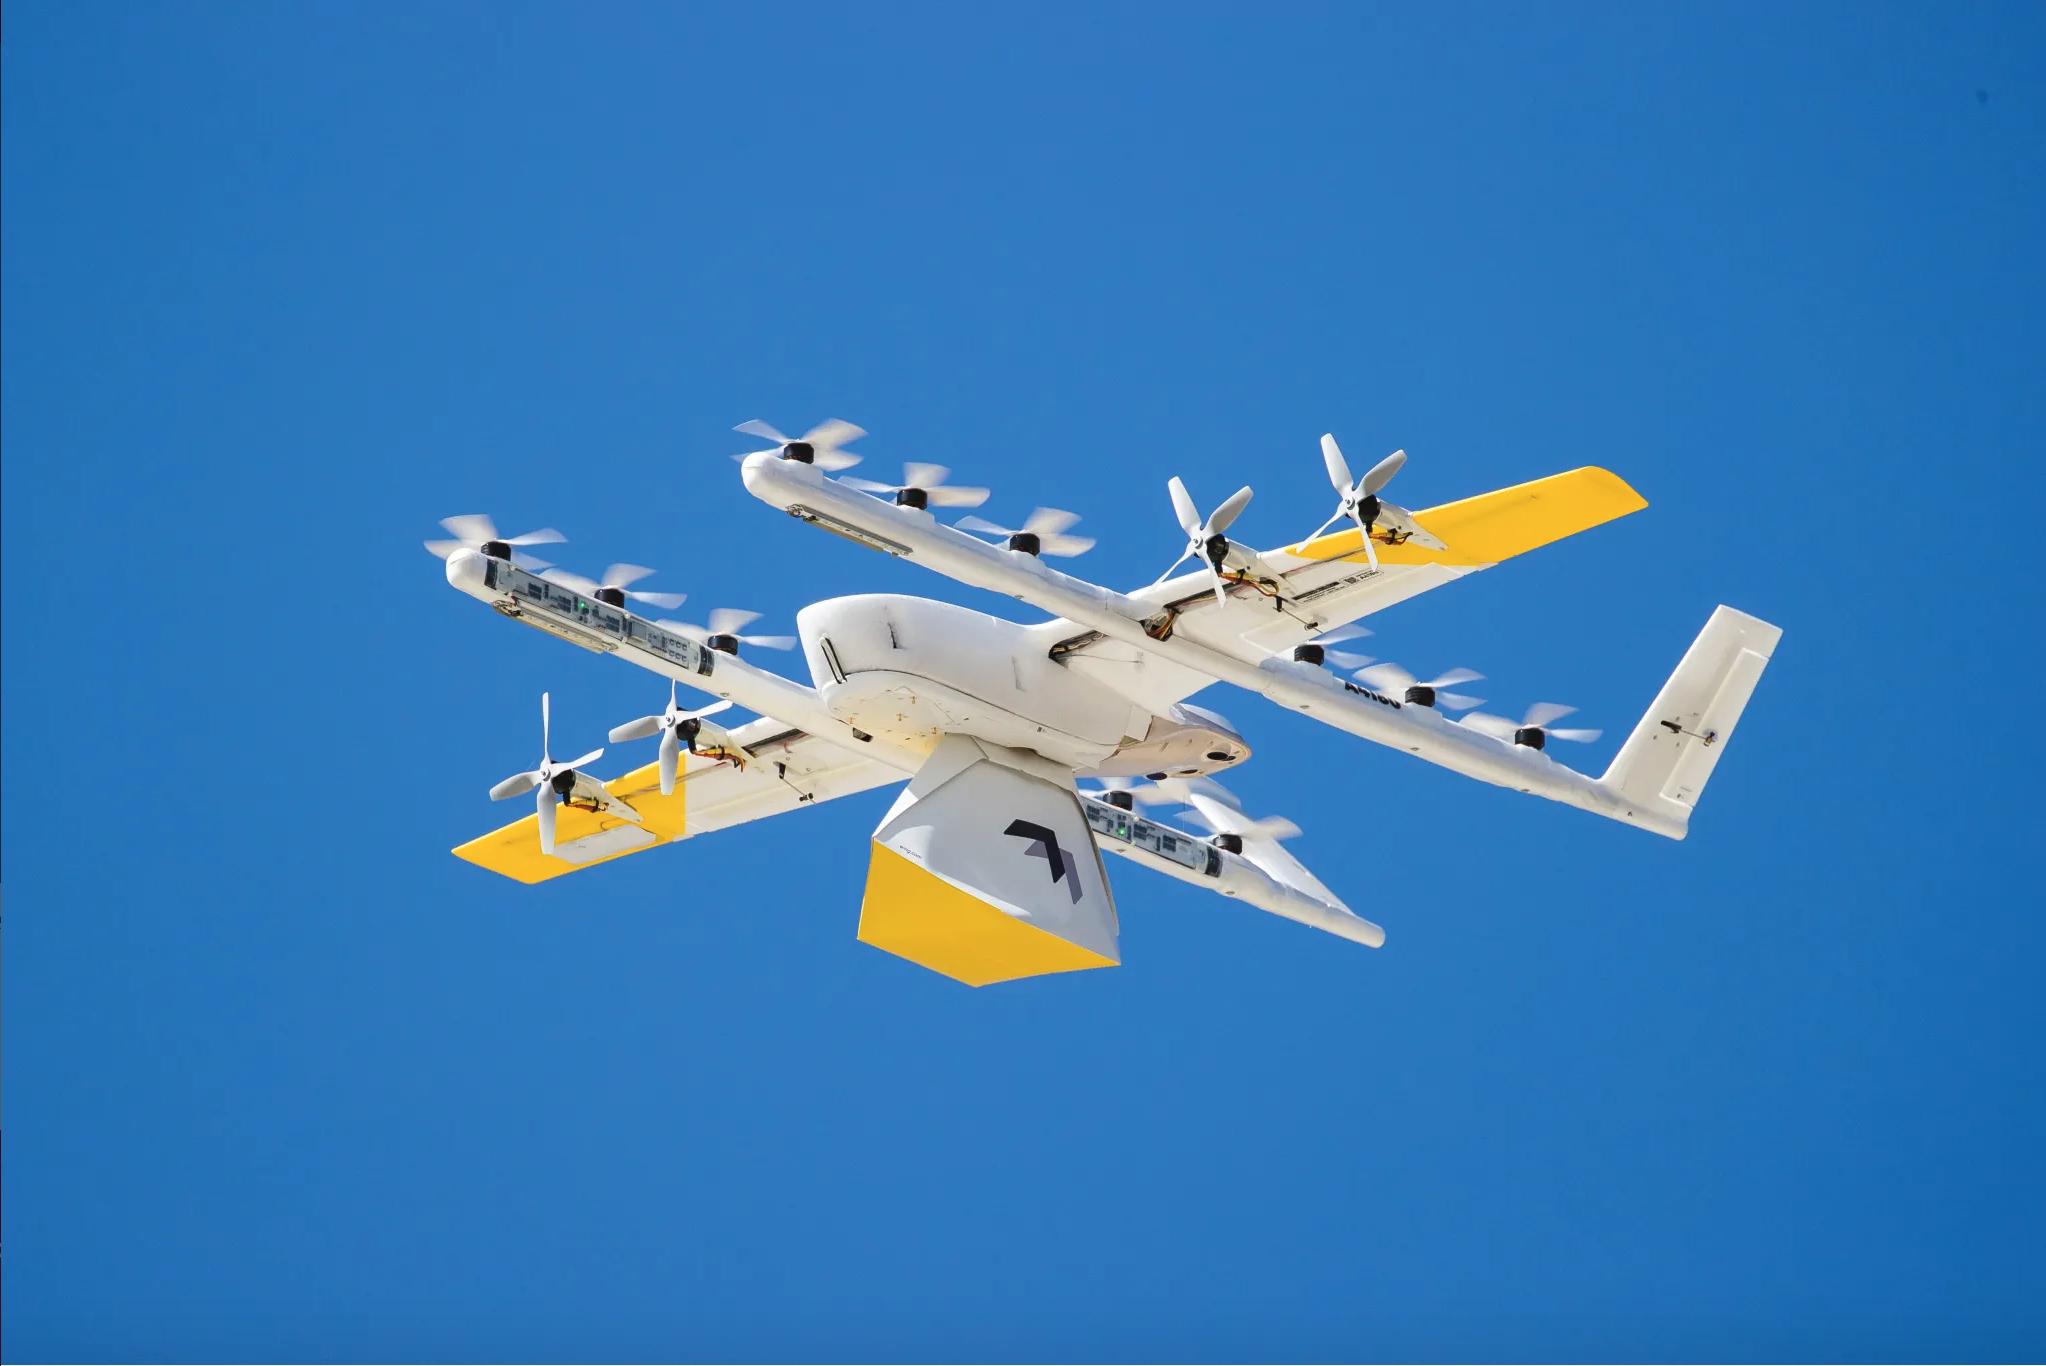 聲浪比行經汽車還要小! Wing 新款低噪無人機飛入洛根新增配送據點